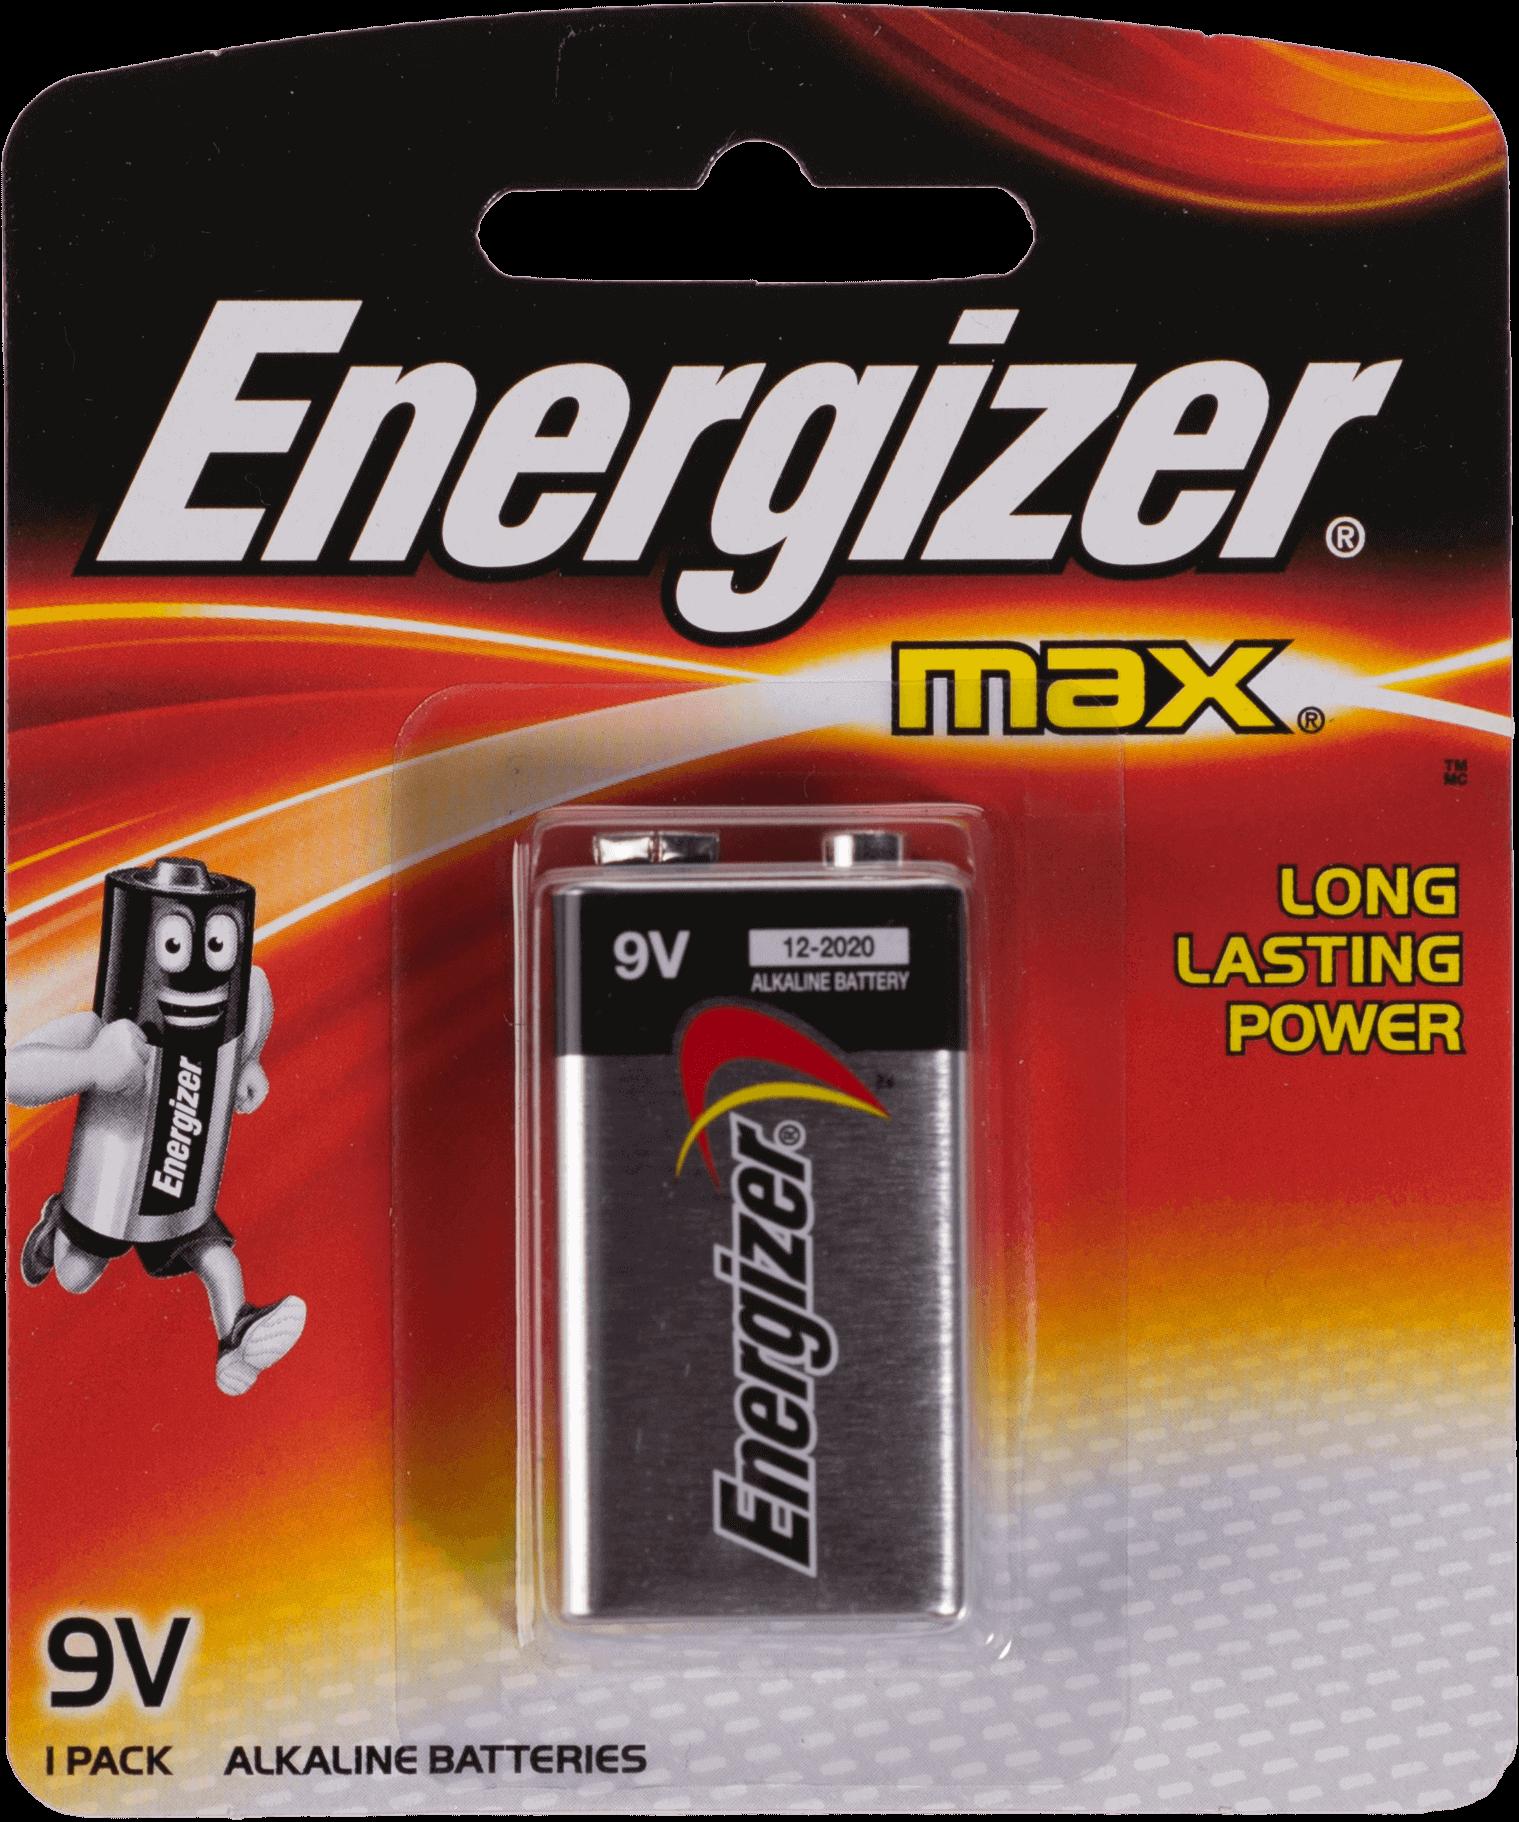 ถ่านไฟฉายอัลคาไลน์ Energizer No. 522-BP1 ขนาด 9v